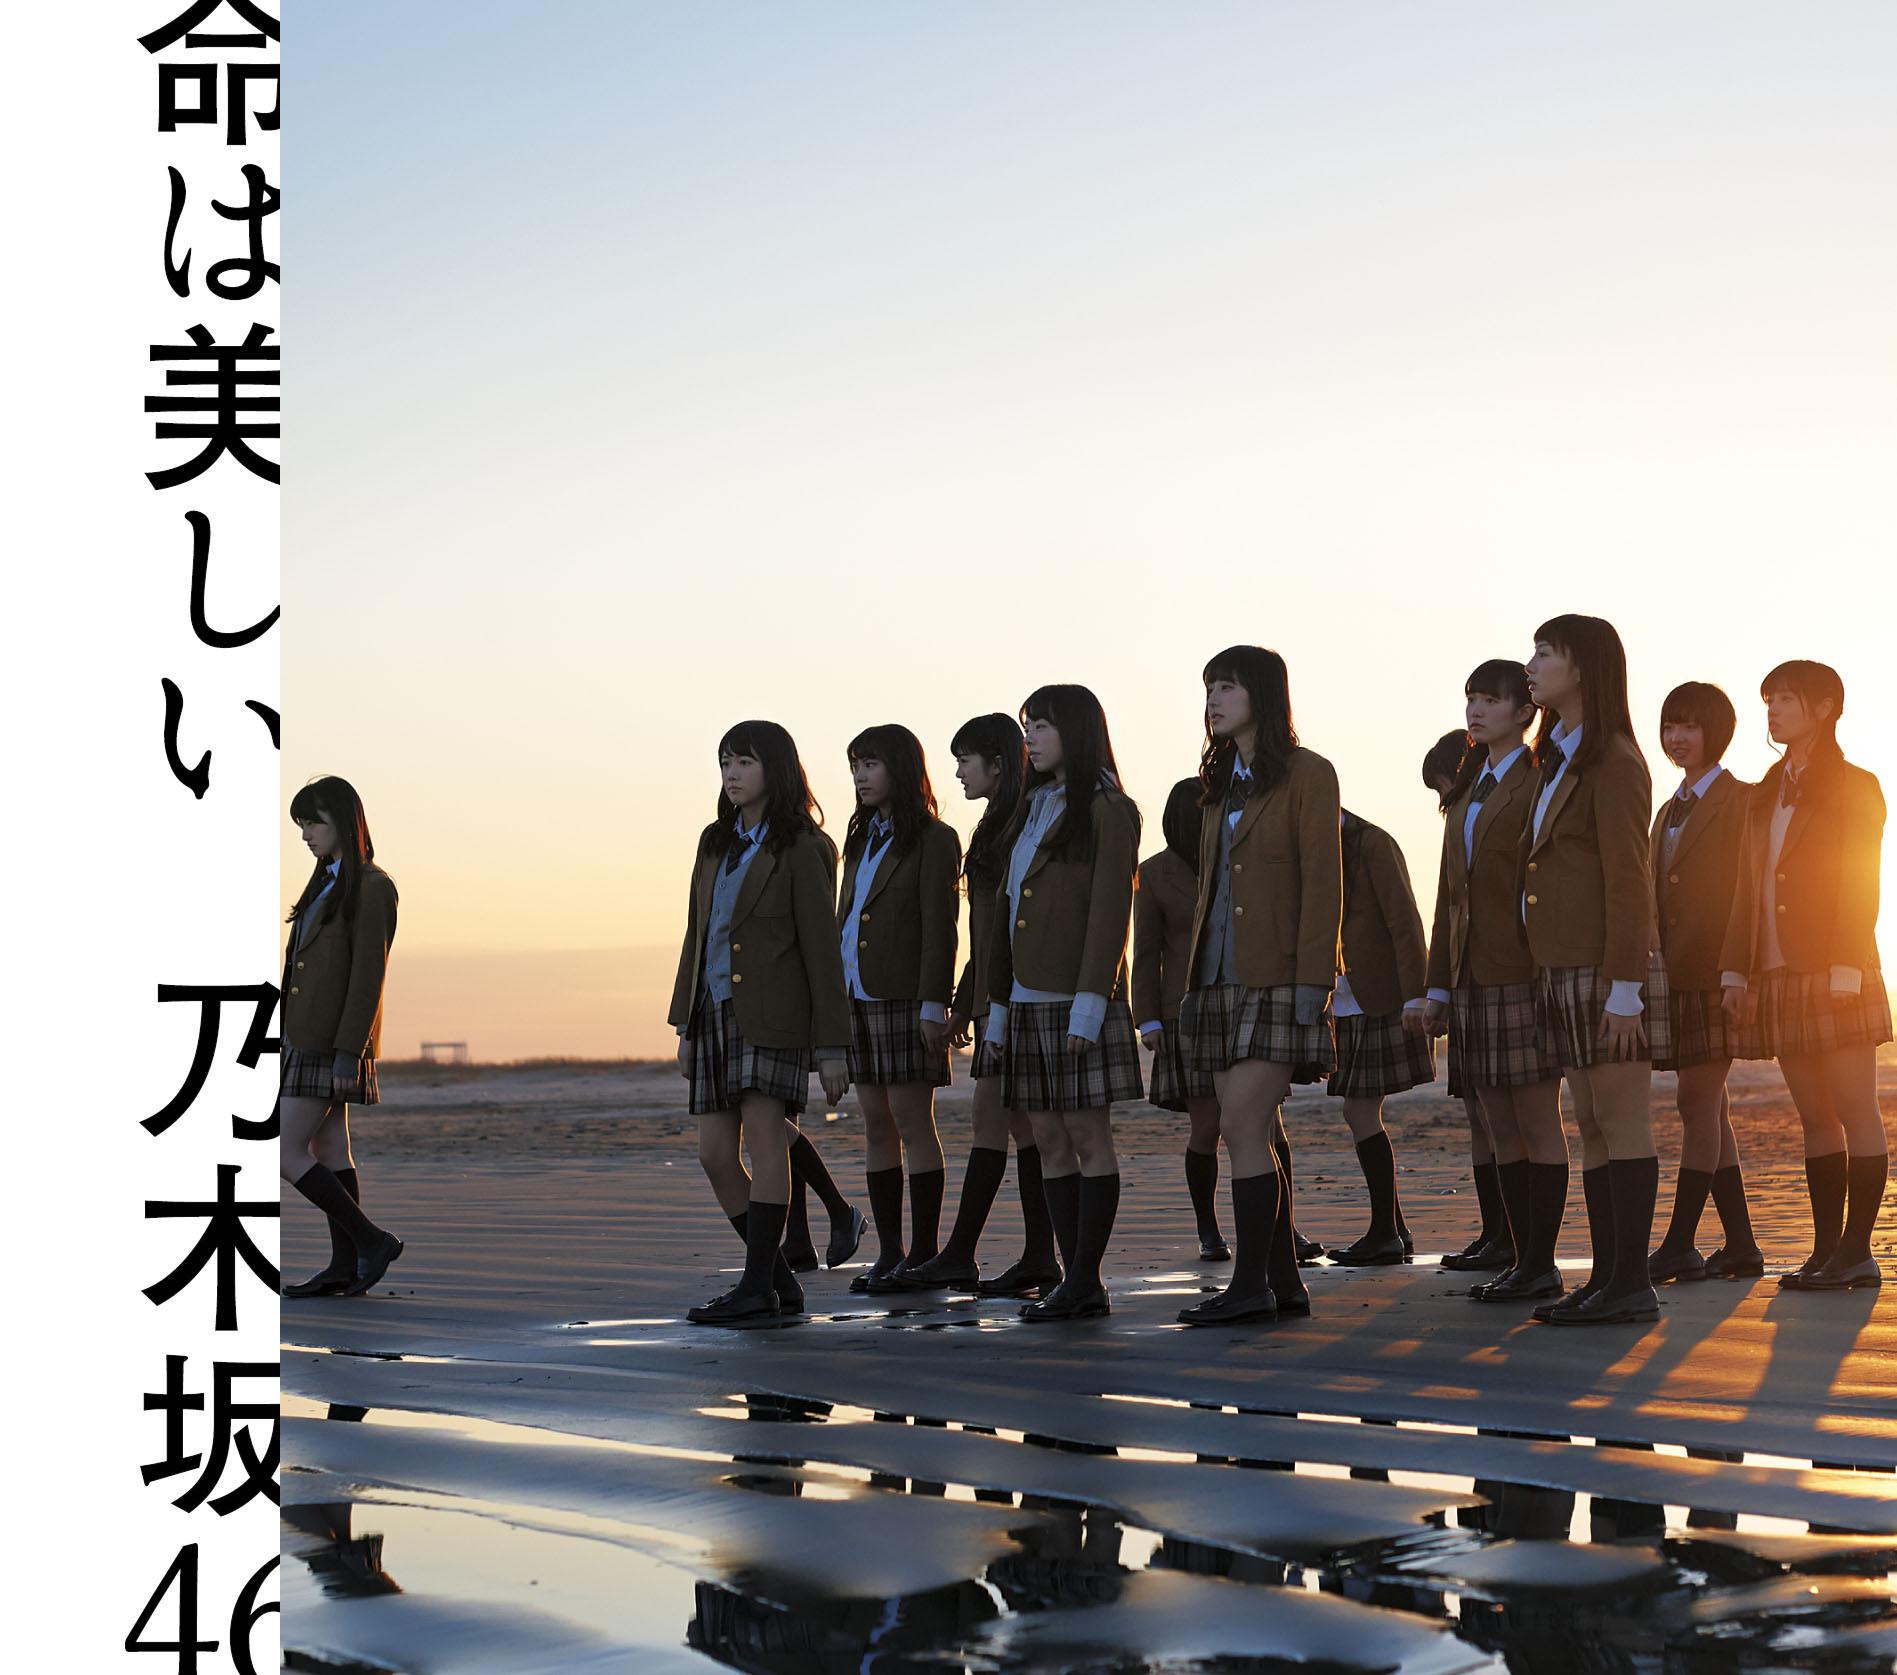 乃木坂46 (のぎざかフォーティーシックス、Nogizaka46) 11thシングル『命は美しい』(Type-C)高画質ジャケット画像